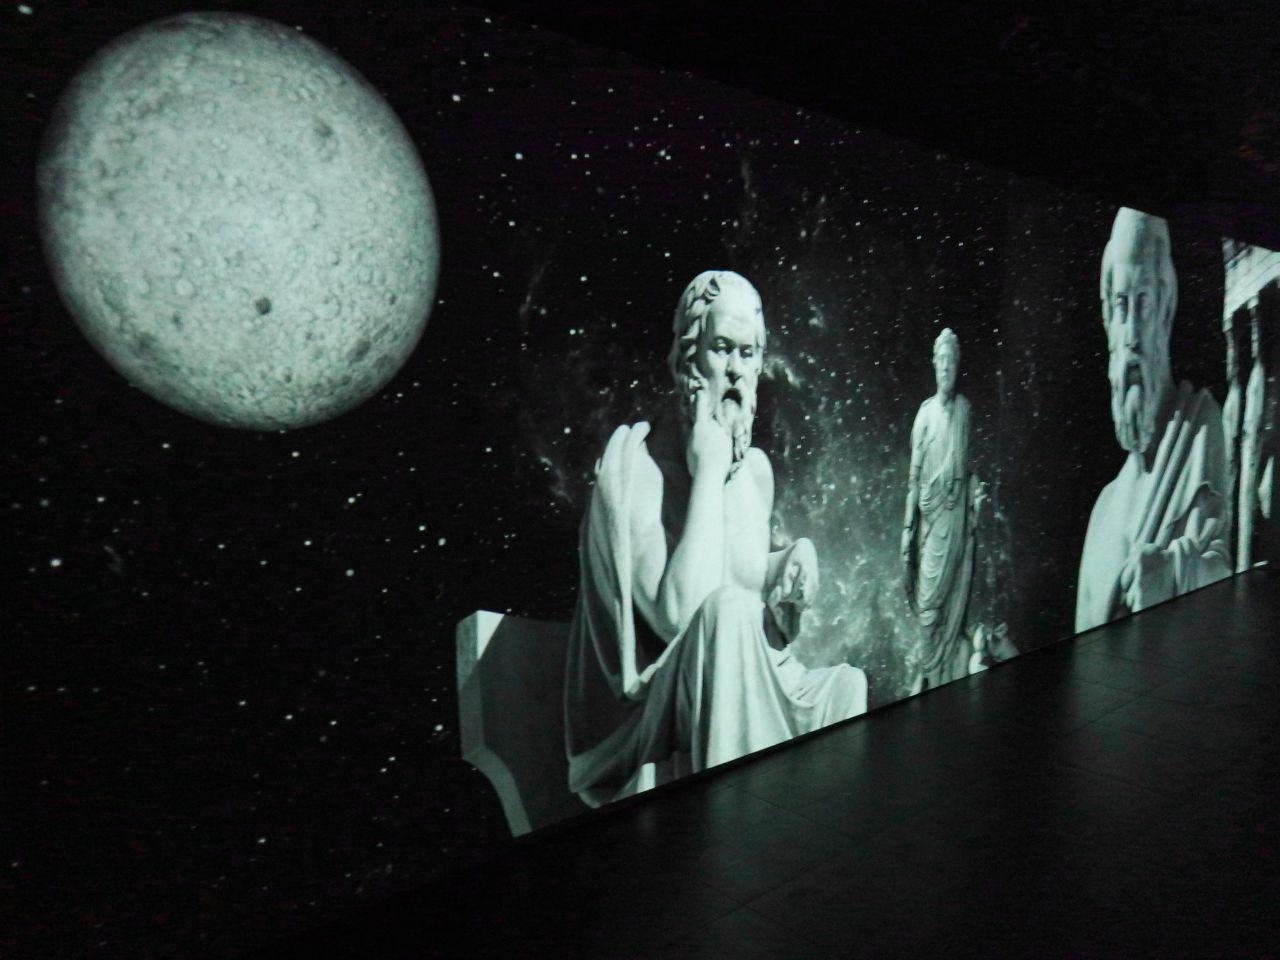 Мультимедийная выставка «Космос: от Галилея до Илона Маска» фото 1